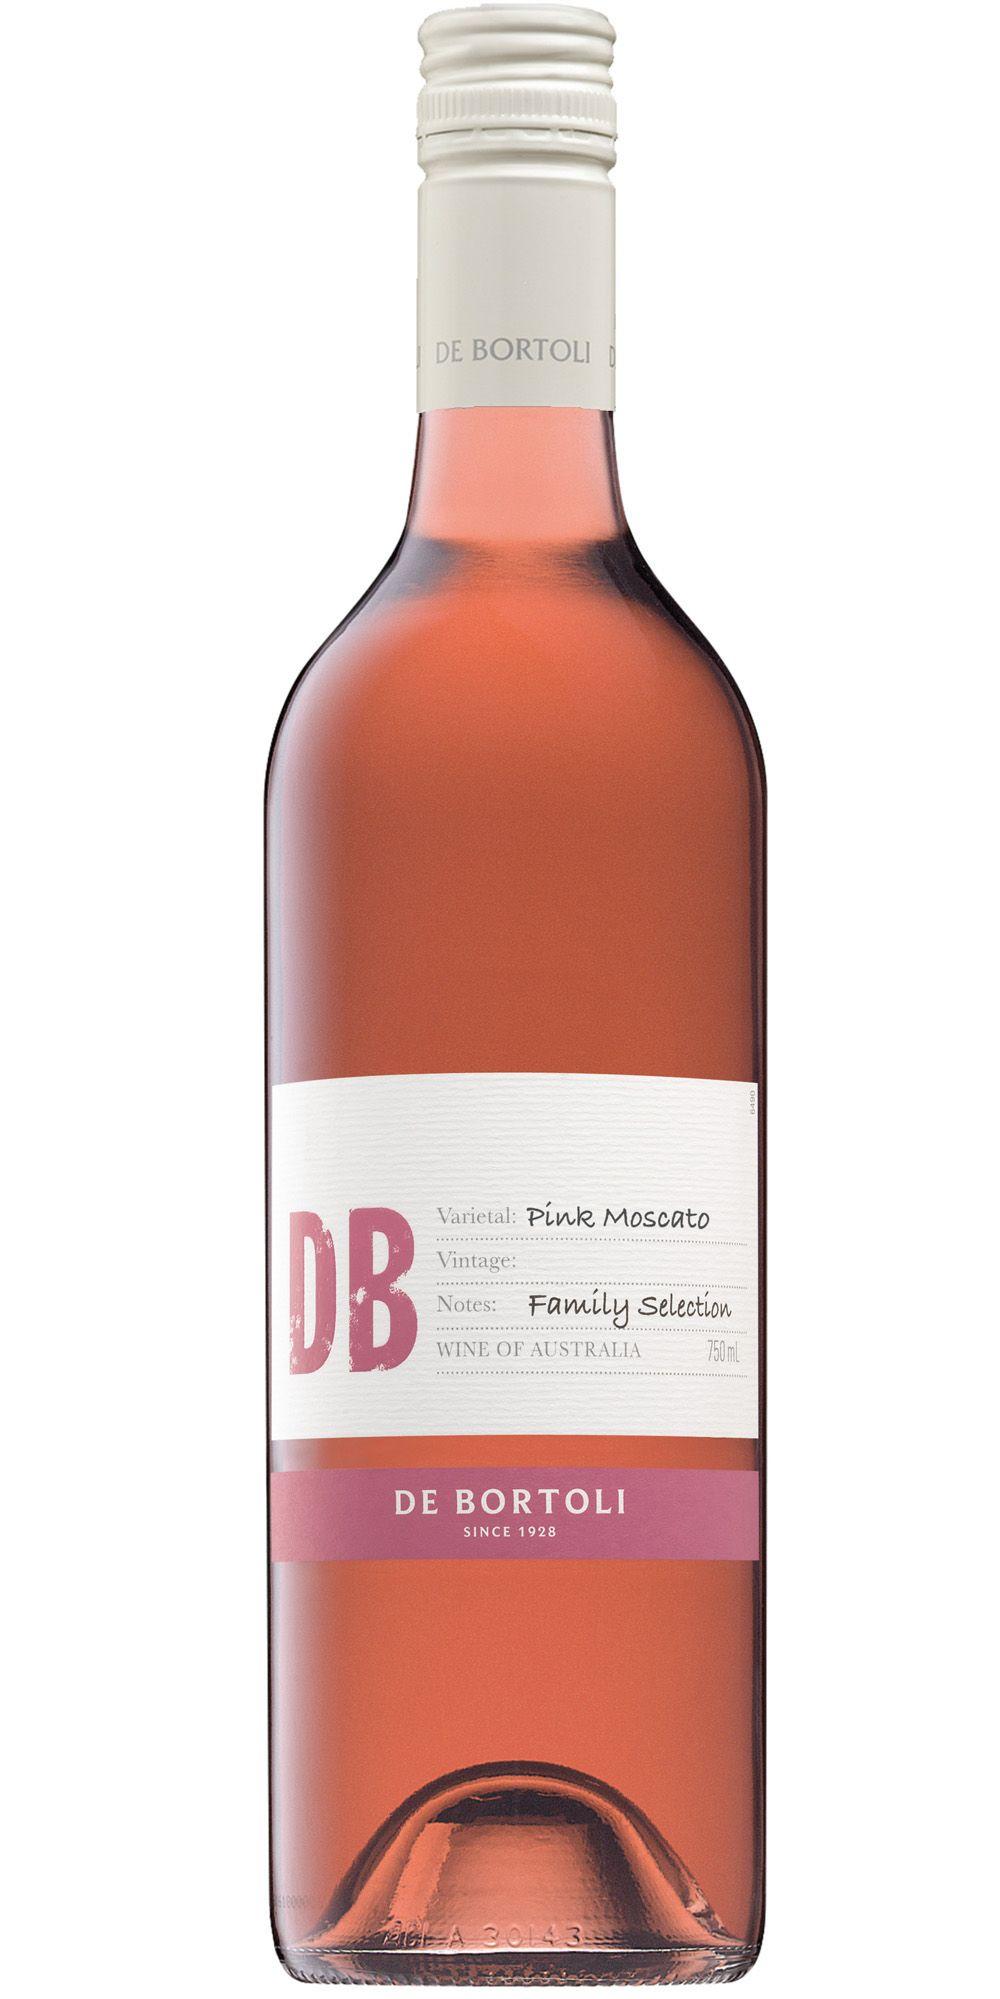 De Bortoli #wine